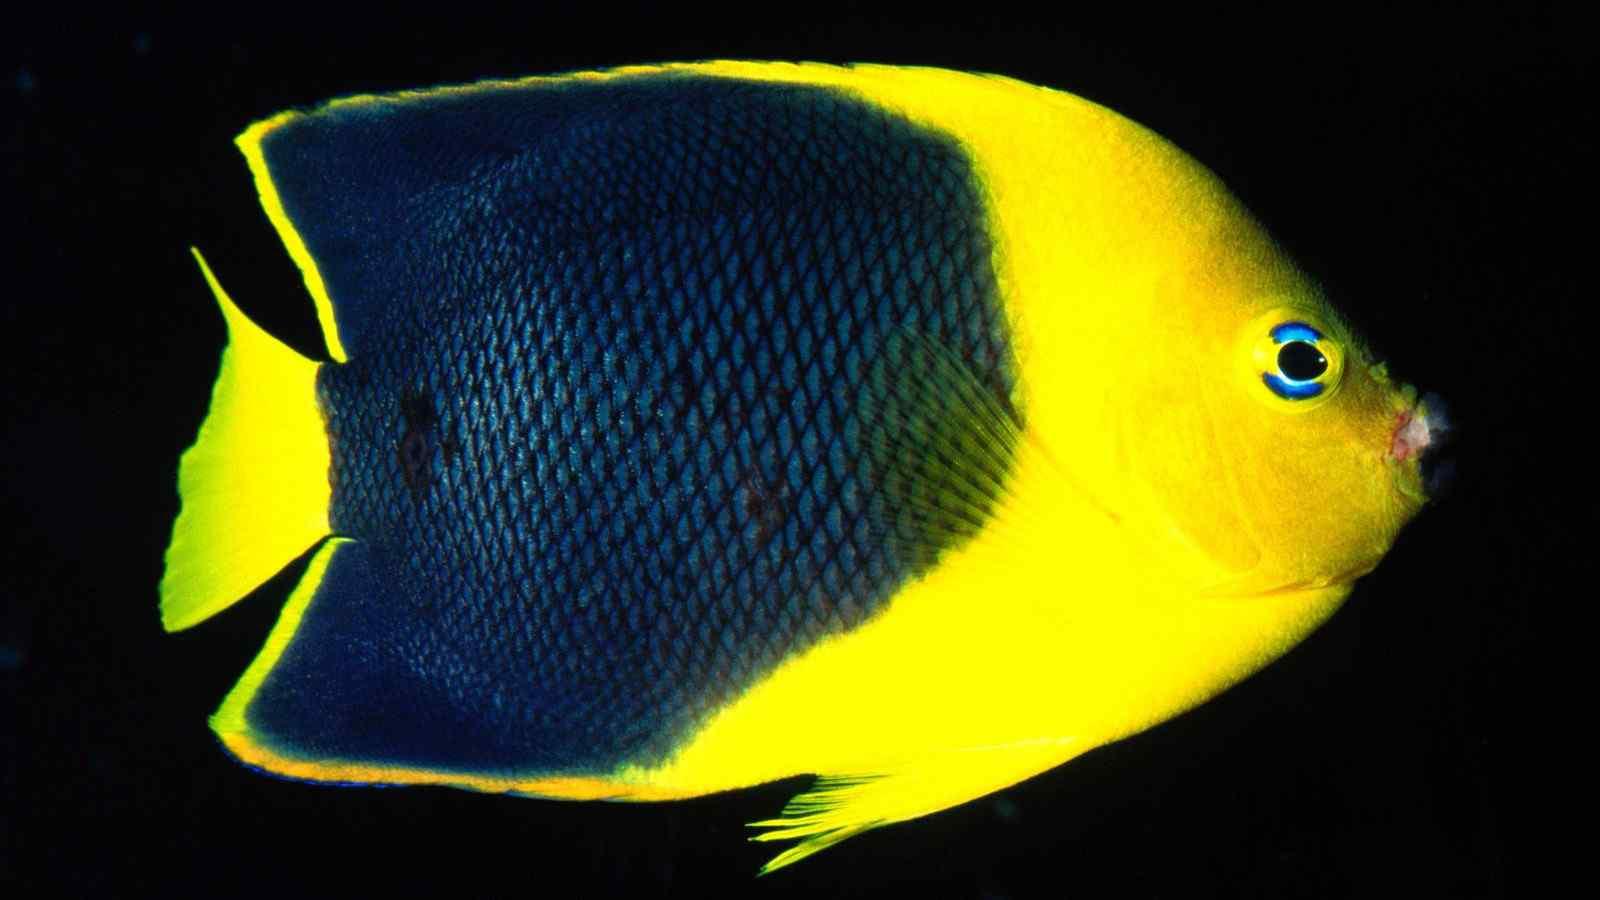 黑黄色漂亮小鱼壁纸